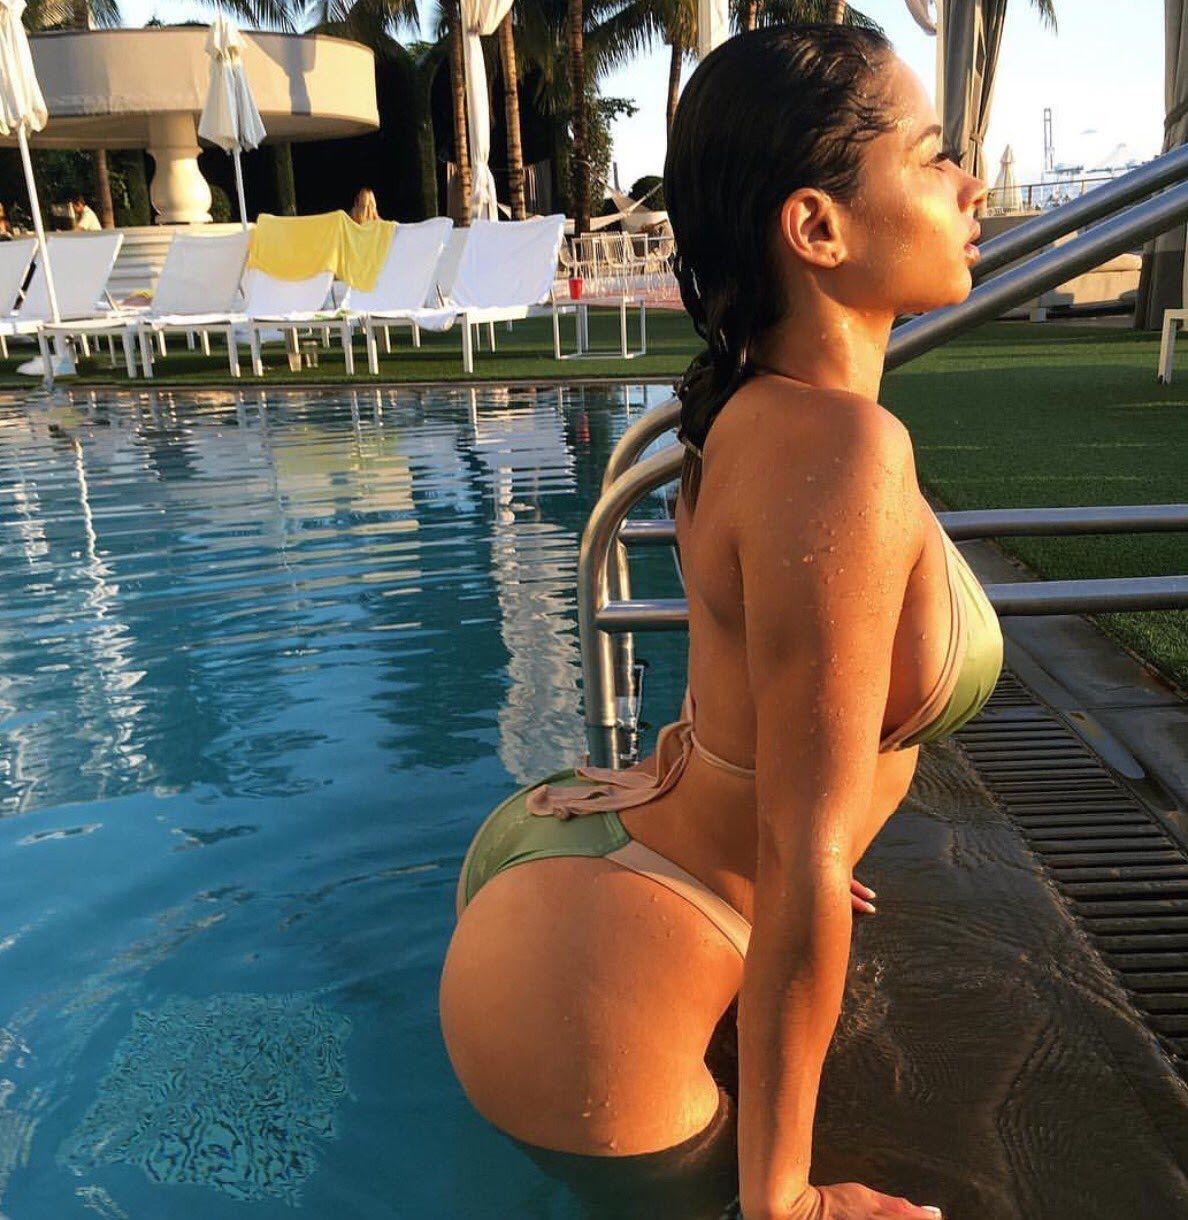 Kim kardashian nude 2,Josie Cunningham Topless  Porn video Glendalis moran,Syron see through